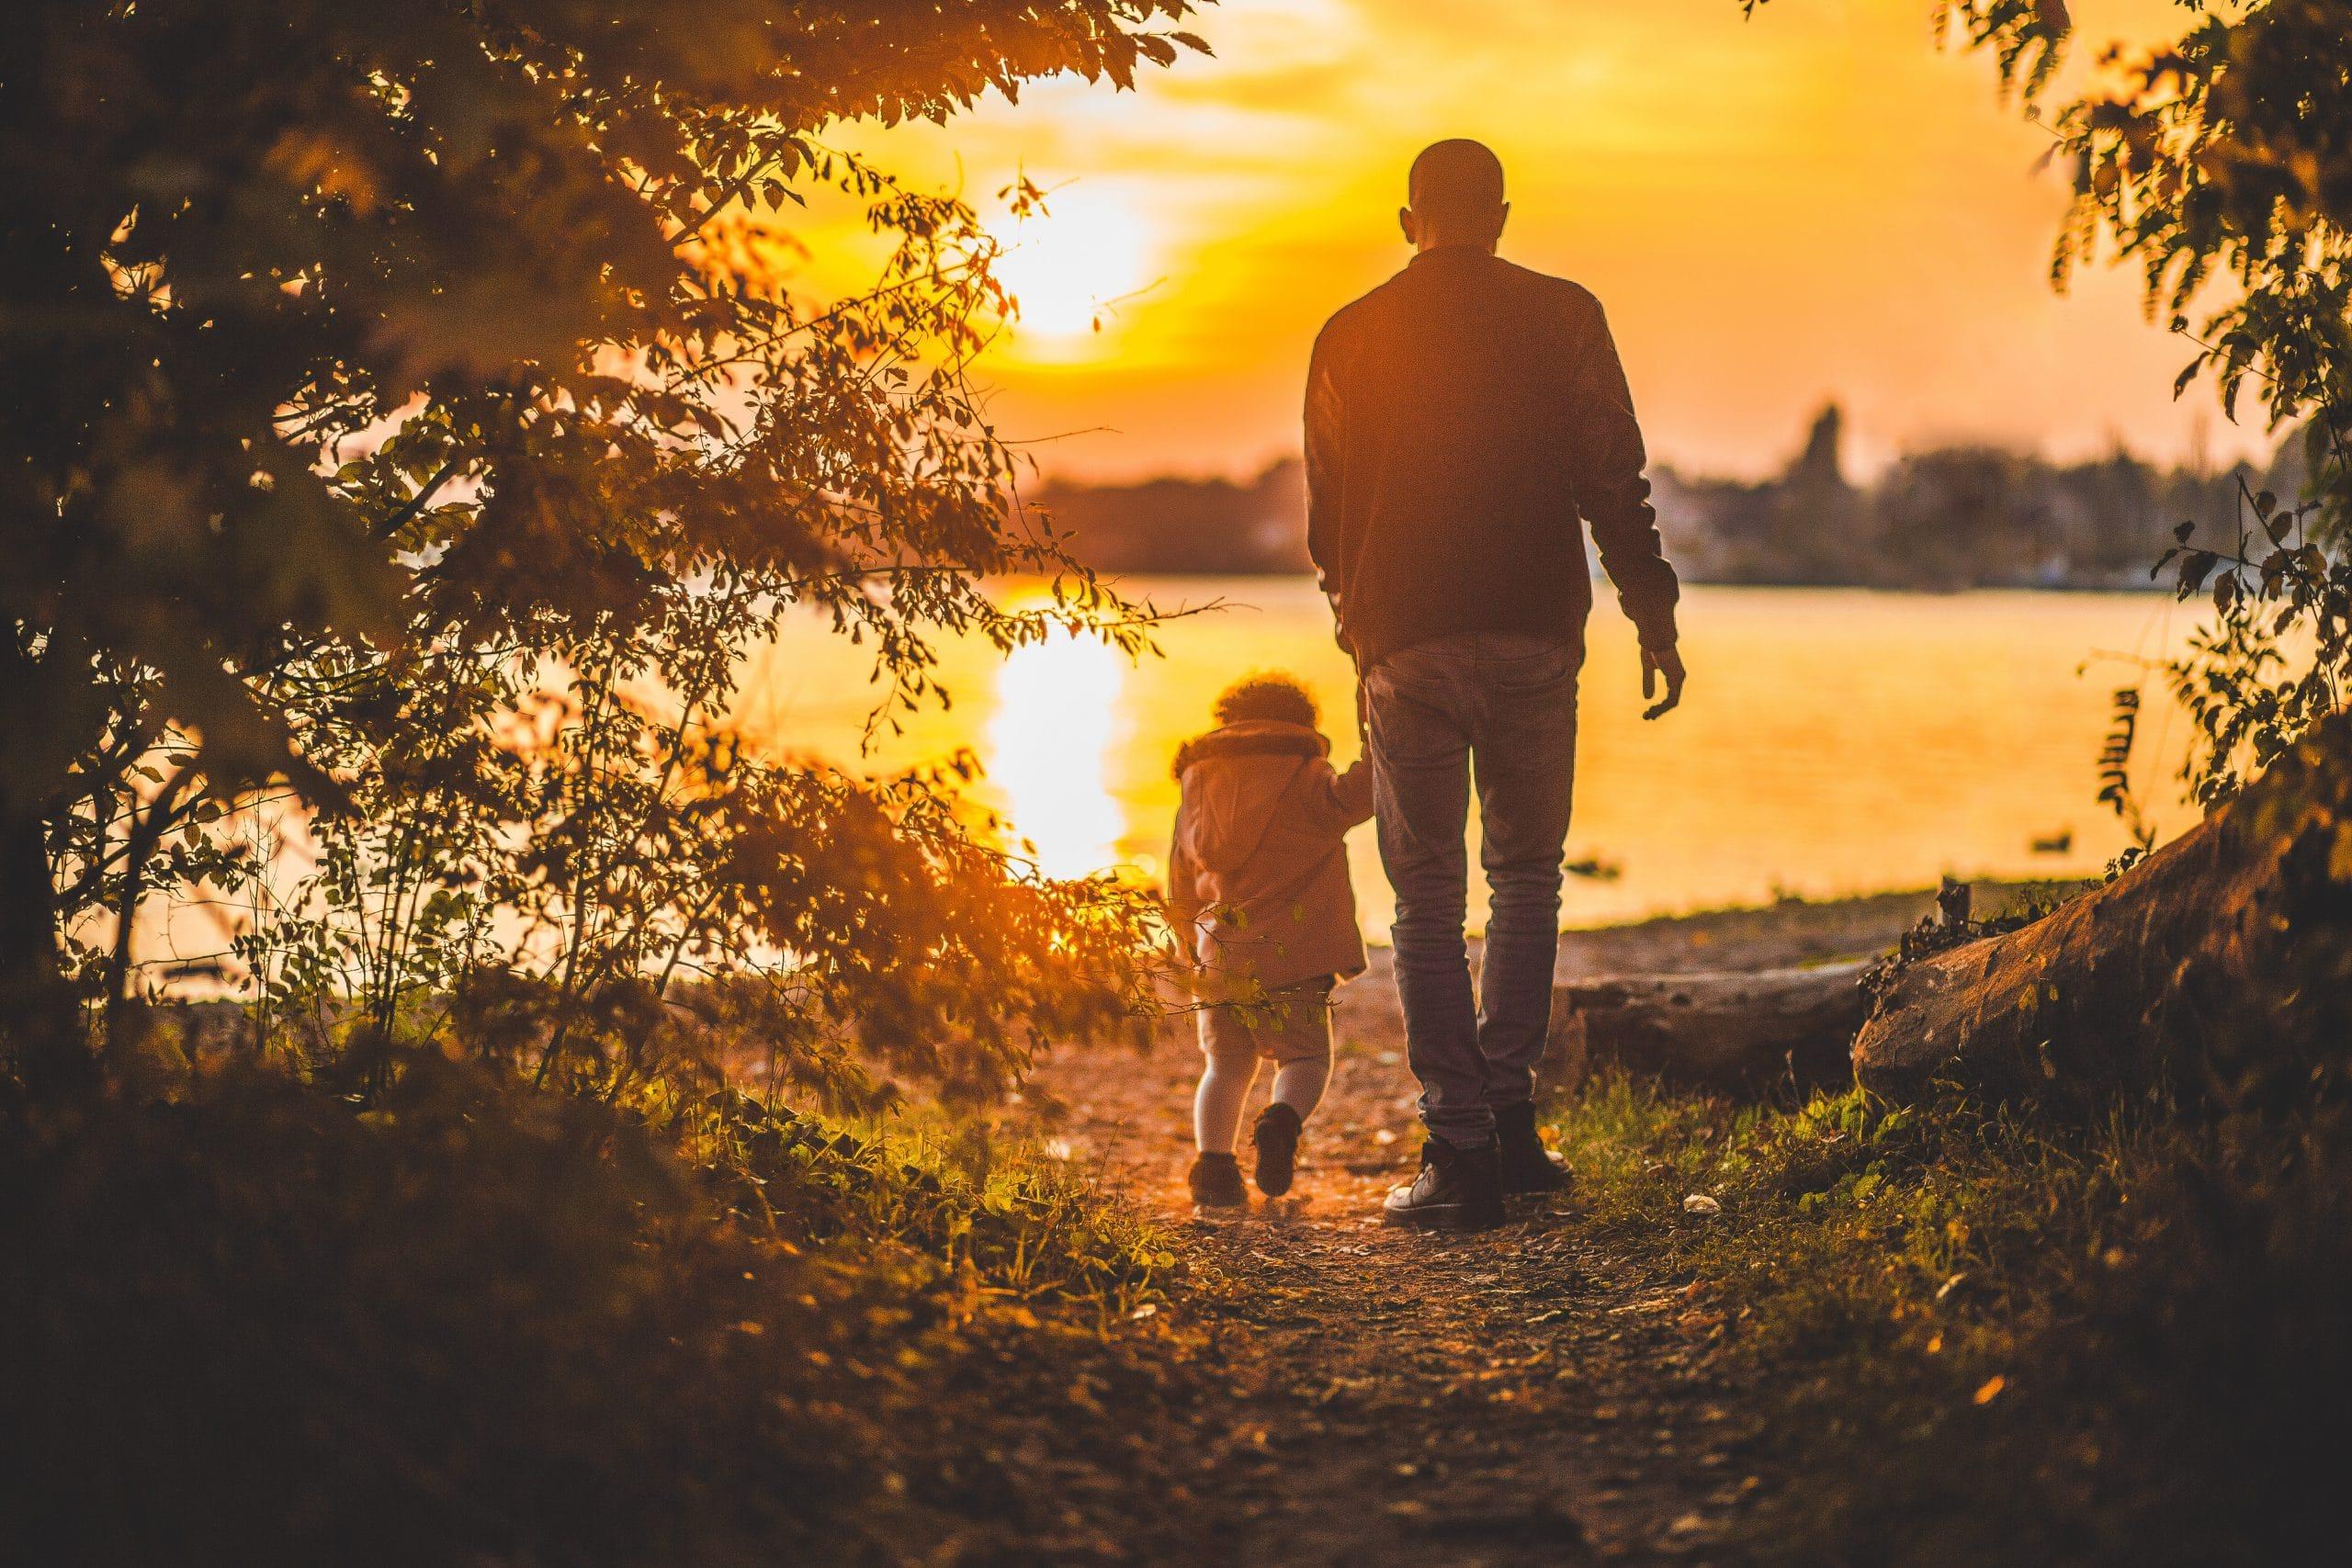 Adulto segurando a mão de uma criança em um lugar cercado pela natureza em frente a um rio durante o pôr-do-sol.